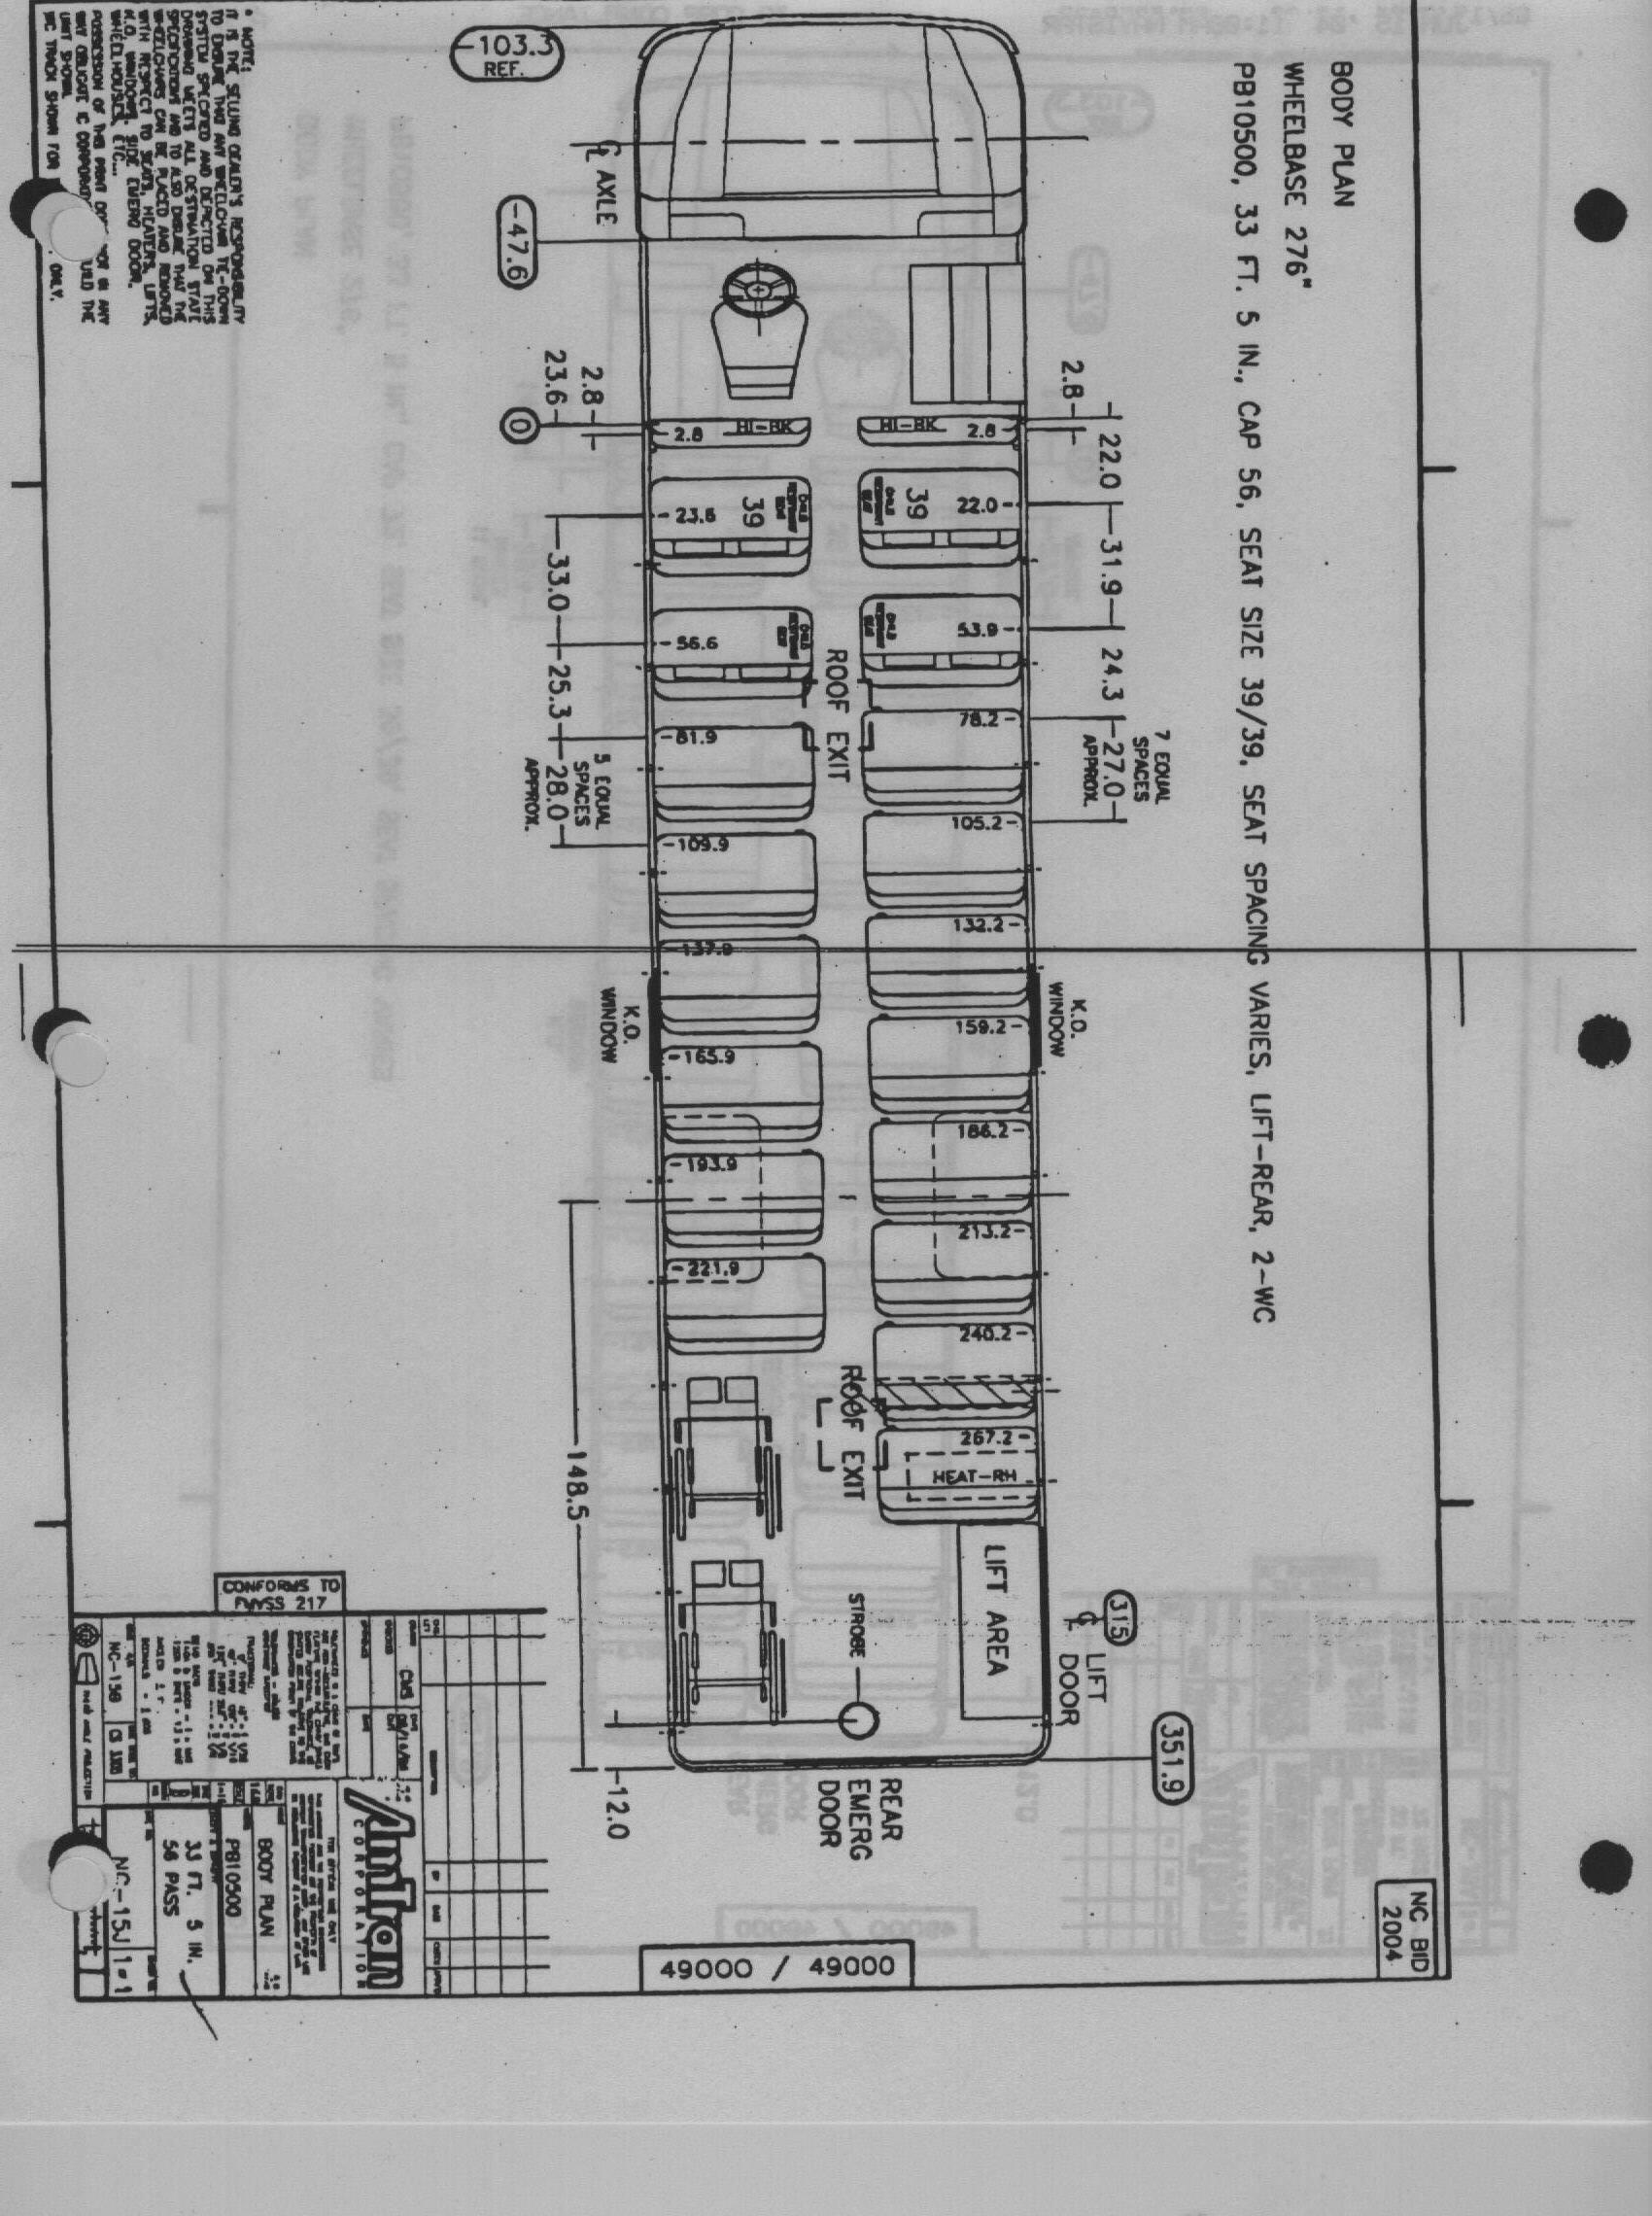 thomas bus wiring diagrams for the alt thomas bus wiring diagrams for the alt source wiring diagram  thomas bus wiring diagrams for the alt